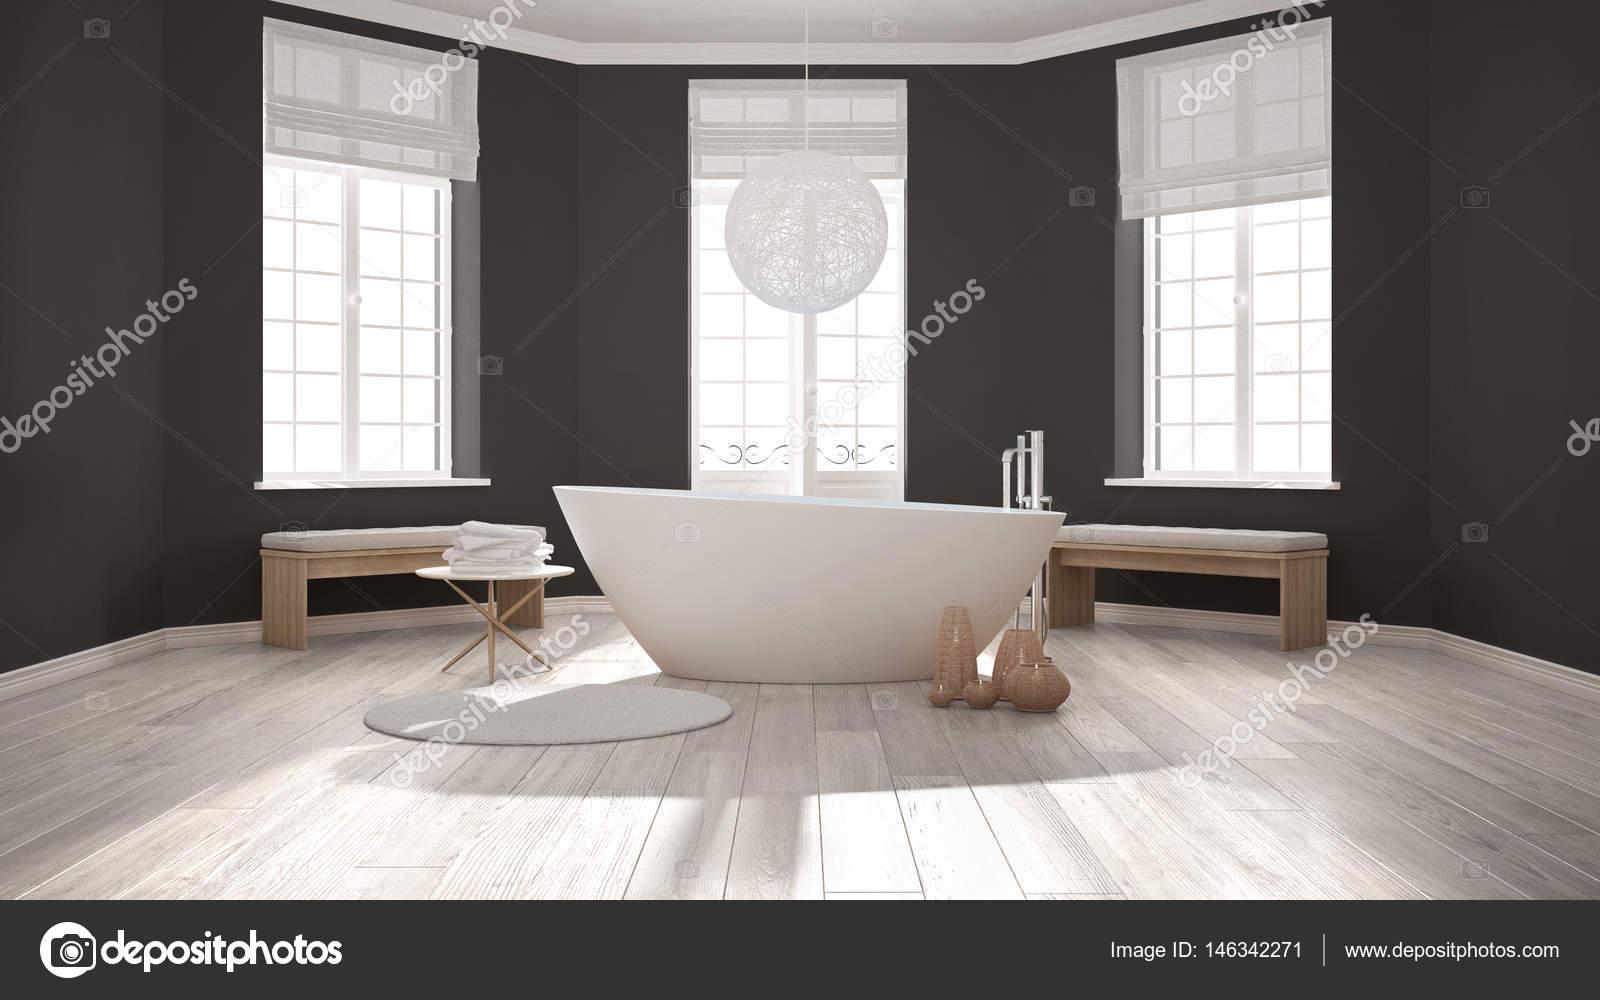 Fantastisch Zen Klassische Spa Badezimmer Mit Badewanne, Minimalistischen  Skandinavischen Interieur Design U2014 Foto Von ArchiVIz